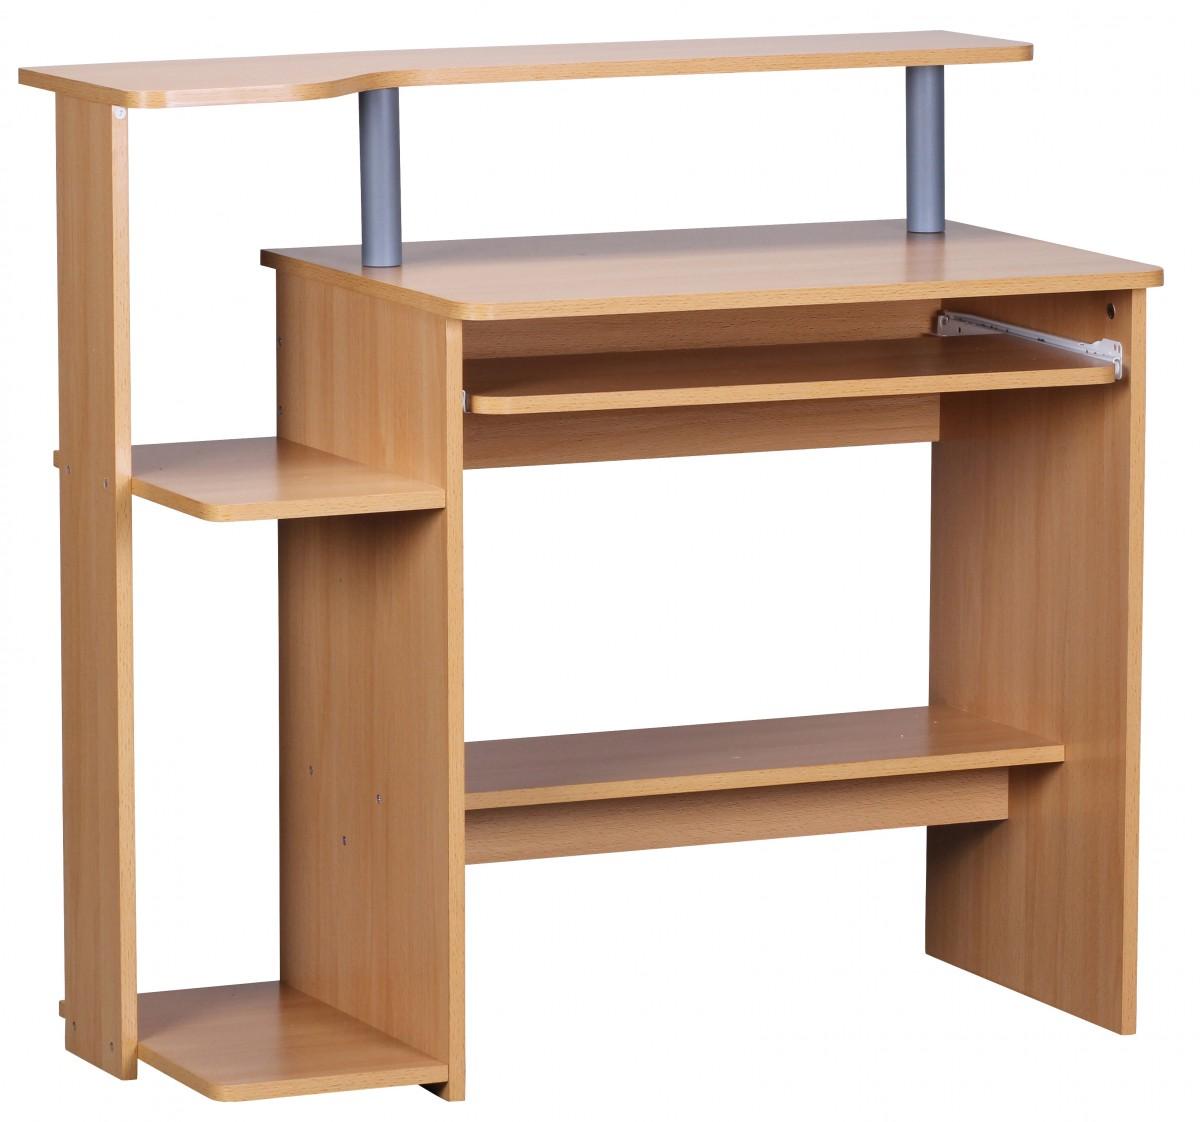 Počítačový stůl s výsuvnou klávesnicí Daren, 94 cm, buk